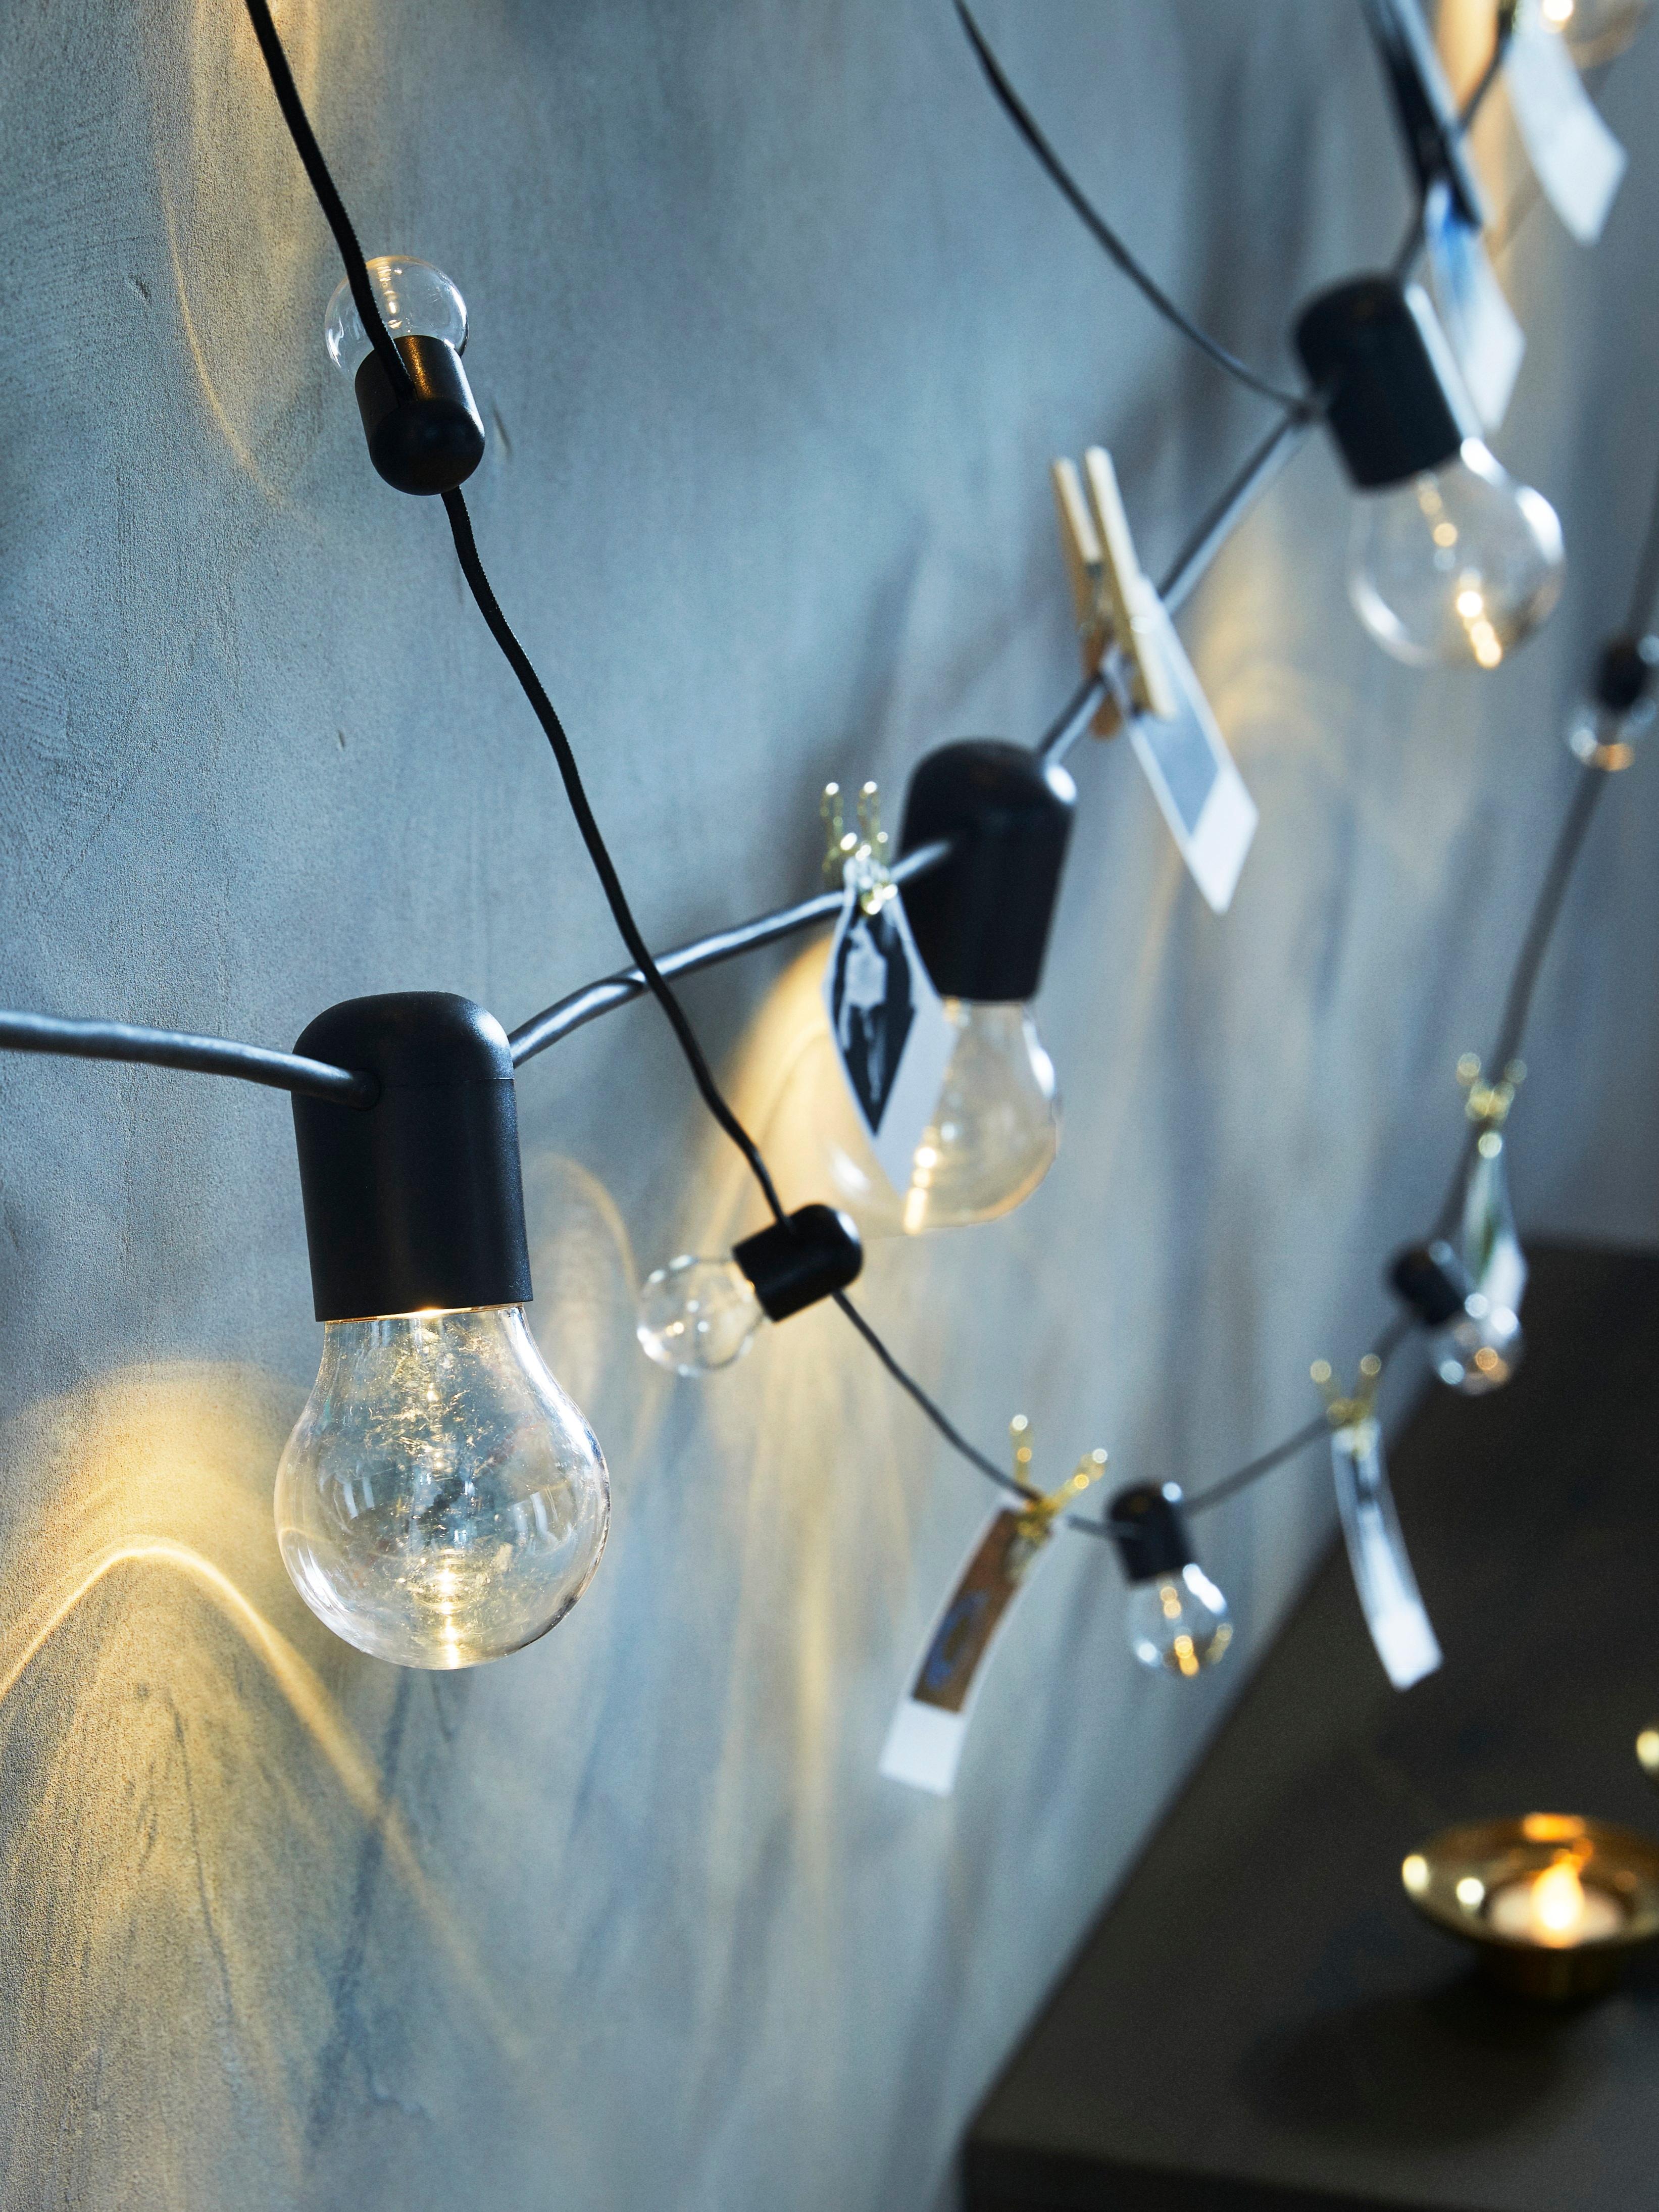 Gros plan d'une guirlande lumineuse à LED SVARTRÅ montrant des photos accrochées au câble avec des pinces à linge et des petites pinces.